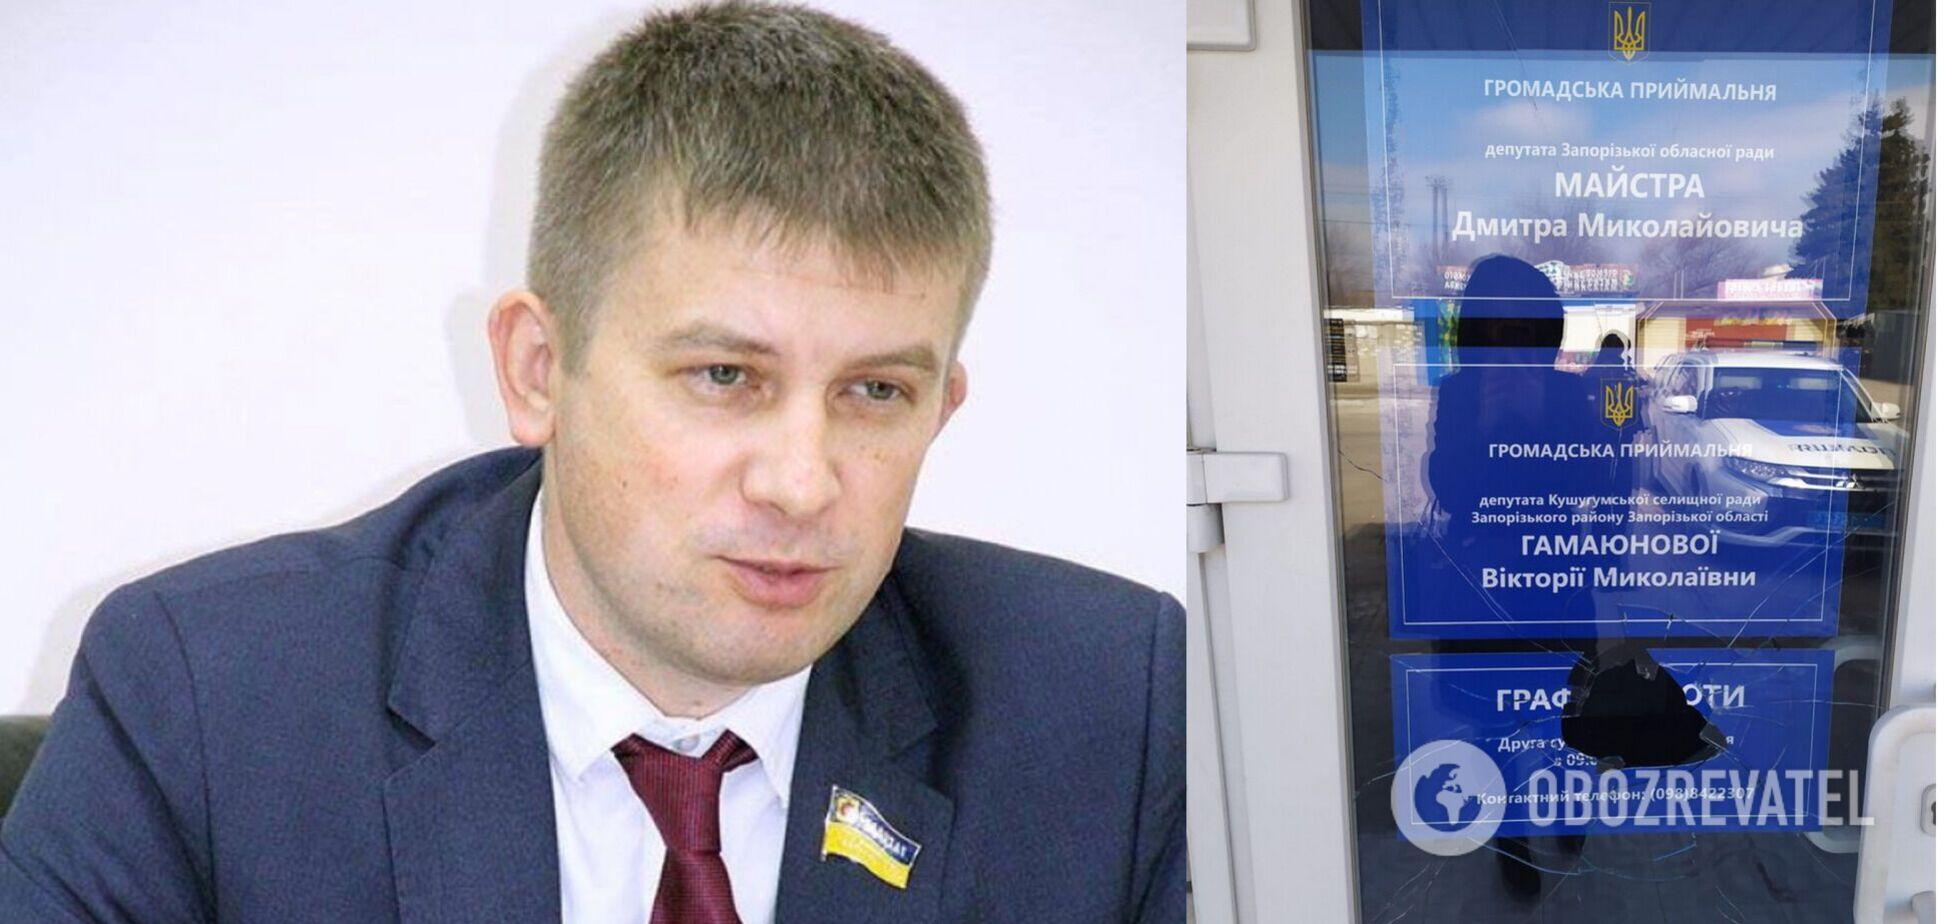 В Запорожье избили депутата, чей офис ранее поджигали. Фото